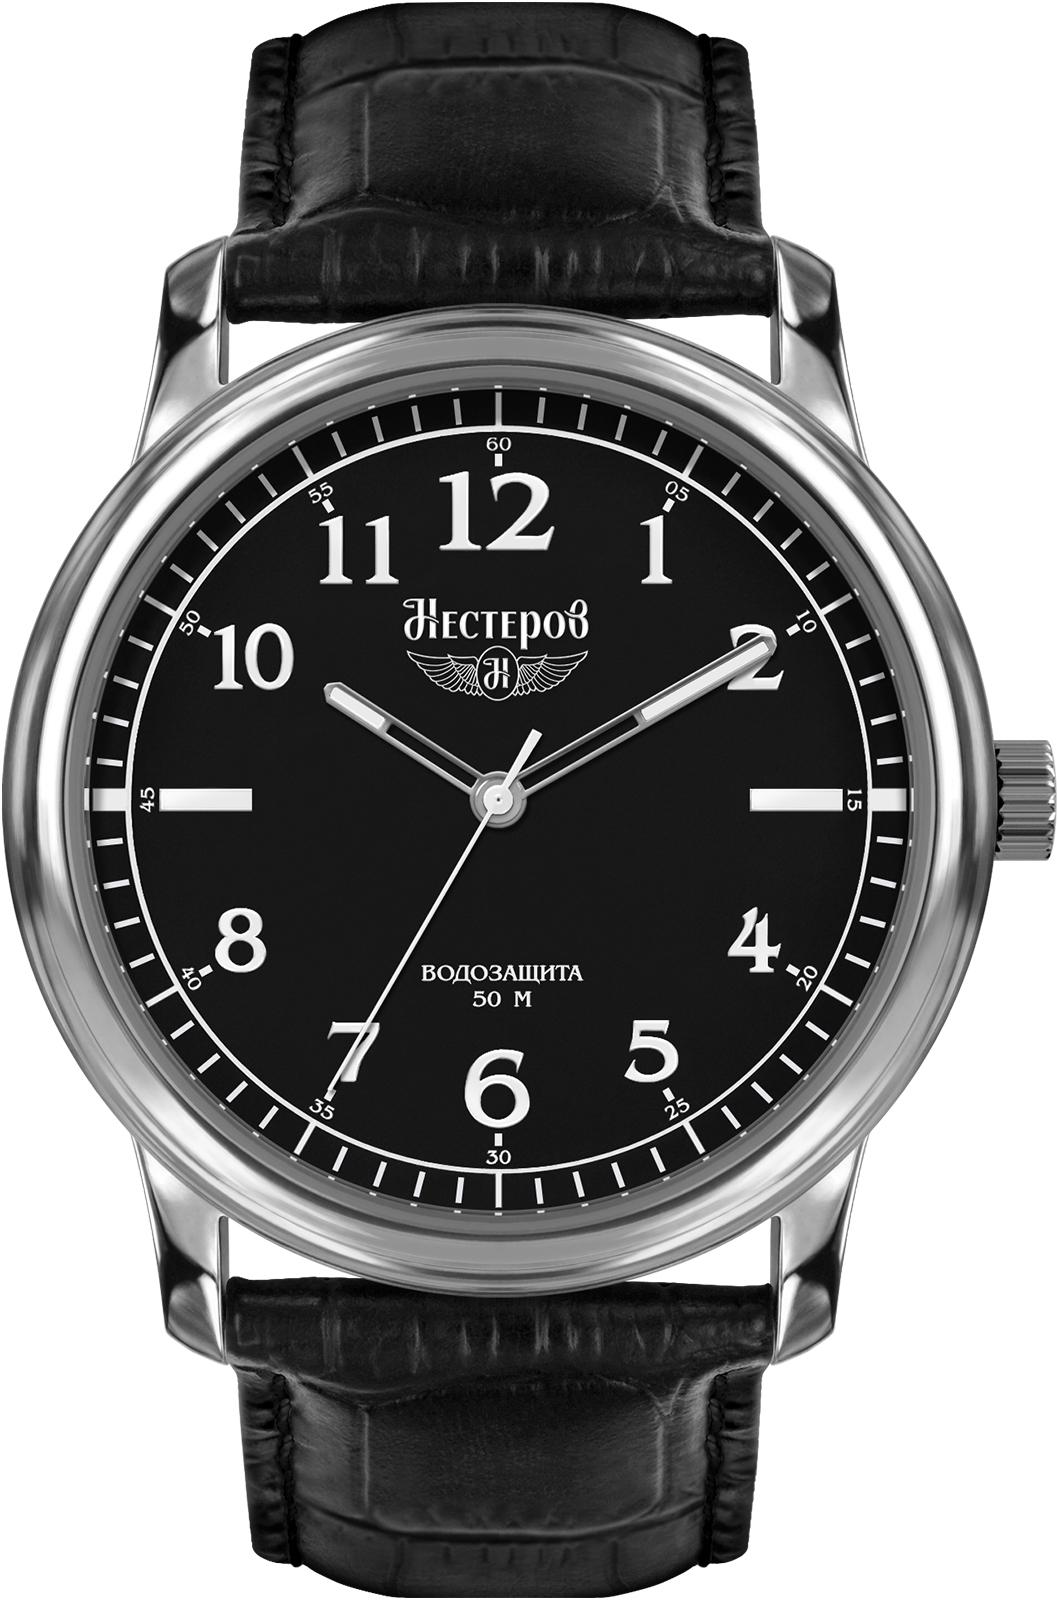 купить Наручные часы Нестеров H0282B02-05E по цене 7790 рублей